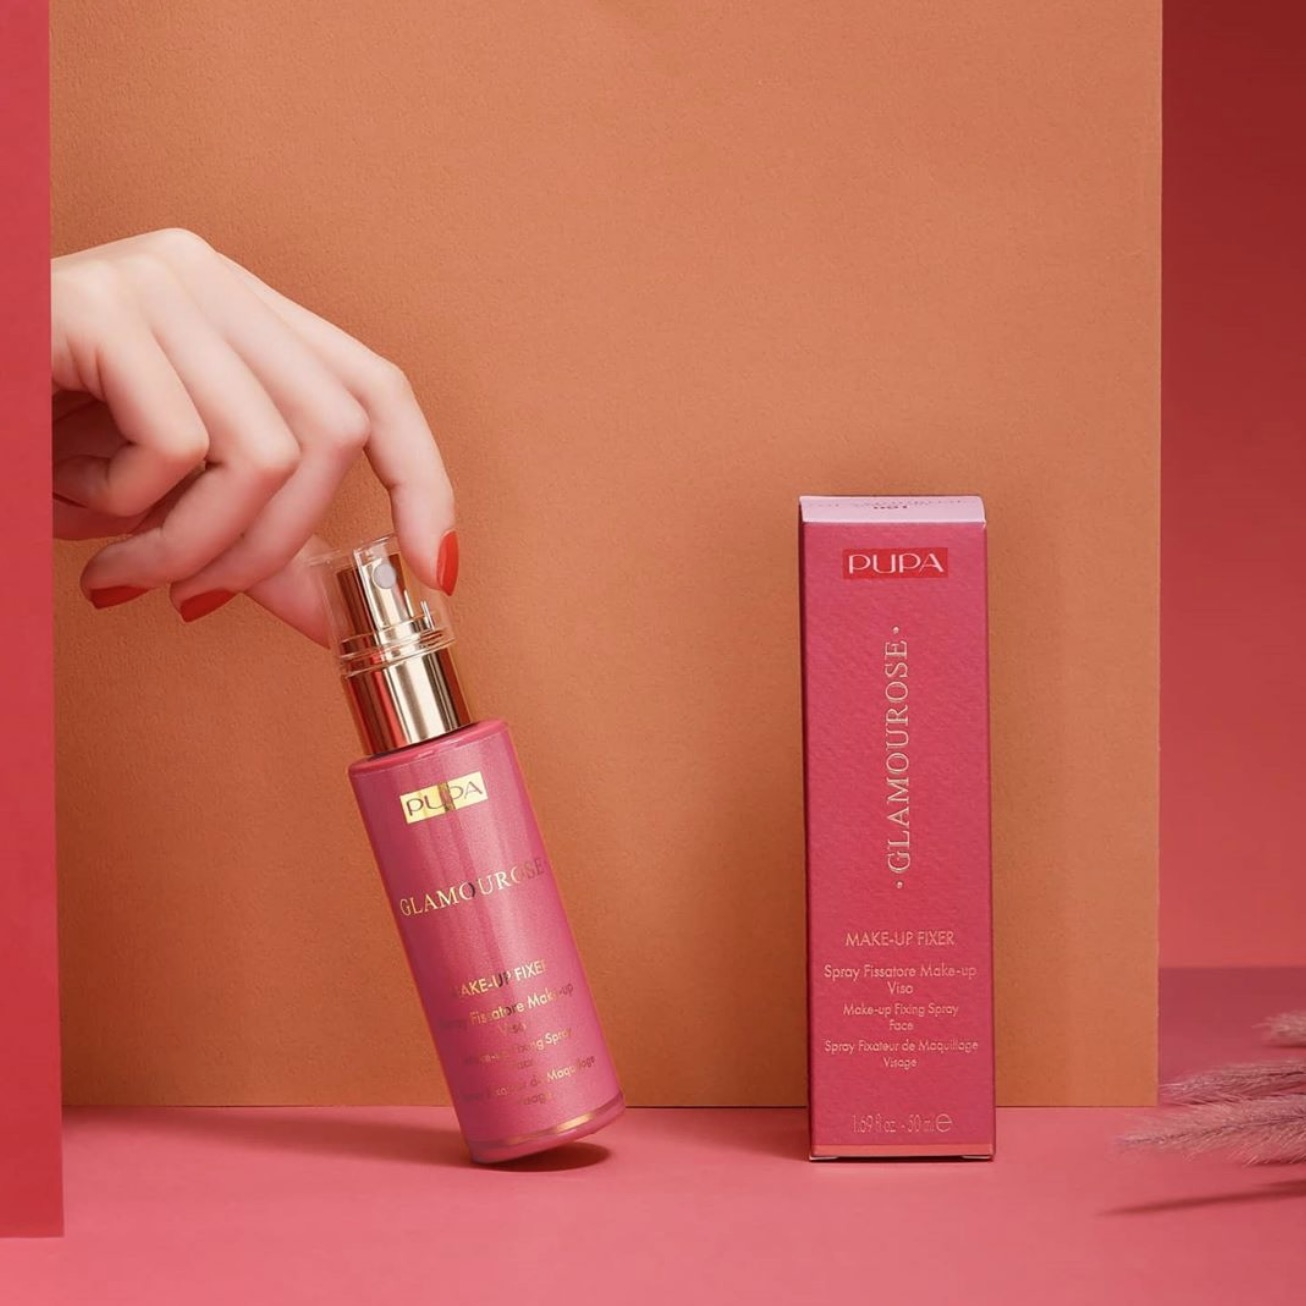 擁有義大利米蘭時尚DNA 的 PUPA 彩妝品牌推出令人為之驚豔的清爽型定妝噴霧,能瞬間完美定妝